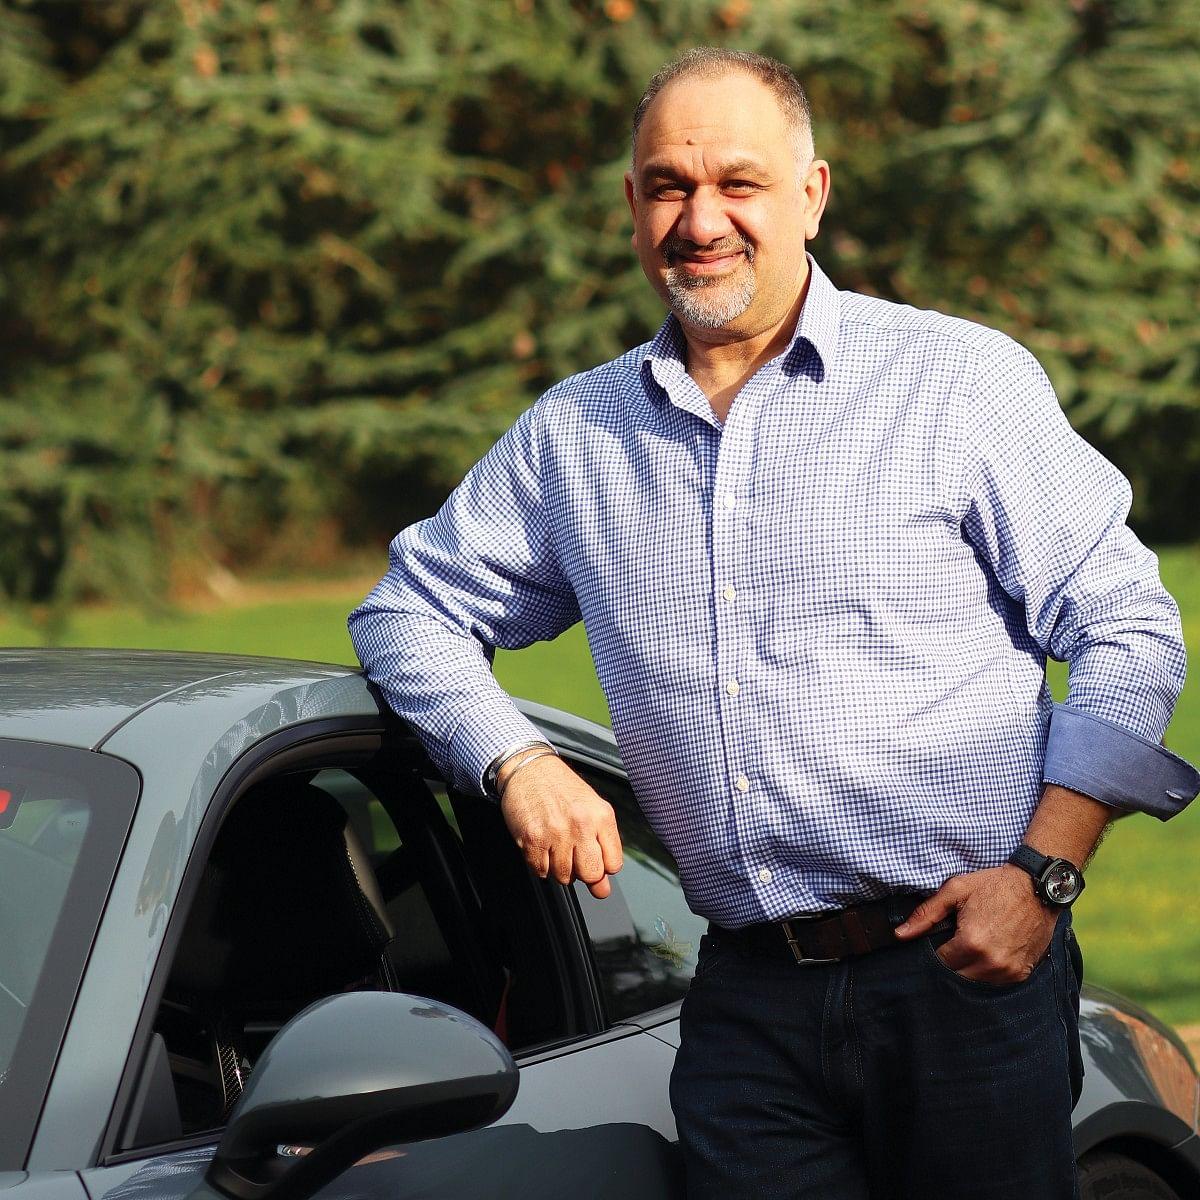 Shami Kalra, founder of Omologato watches